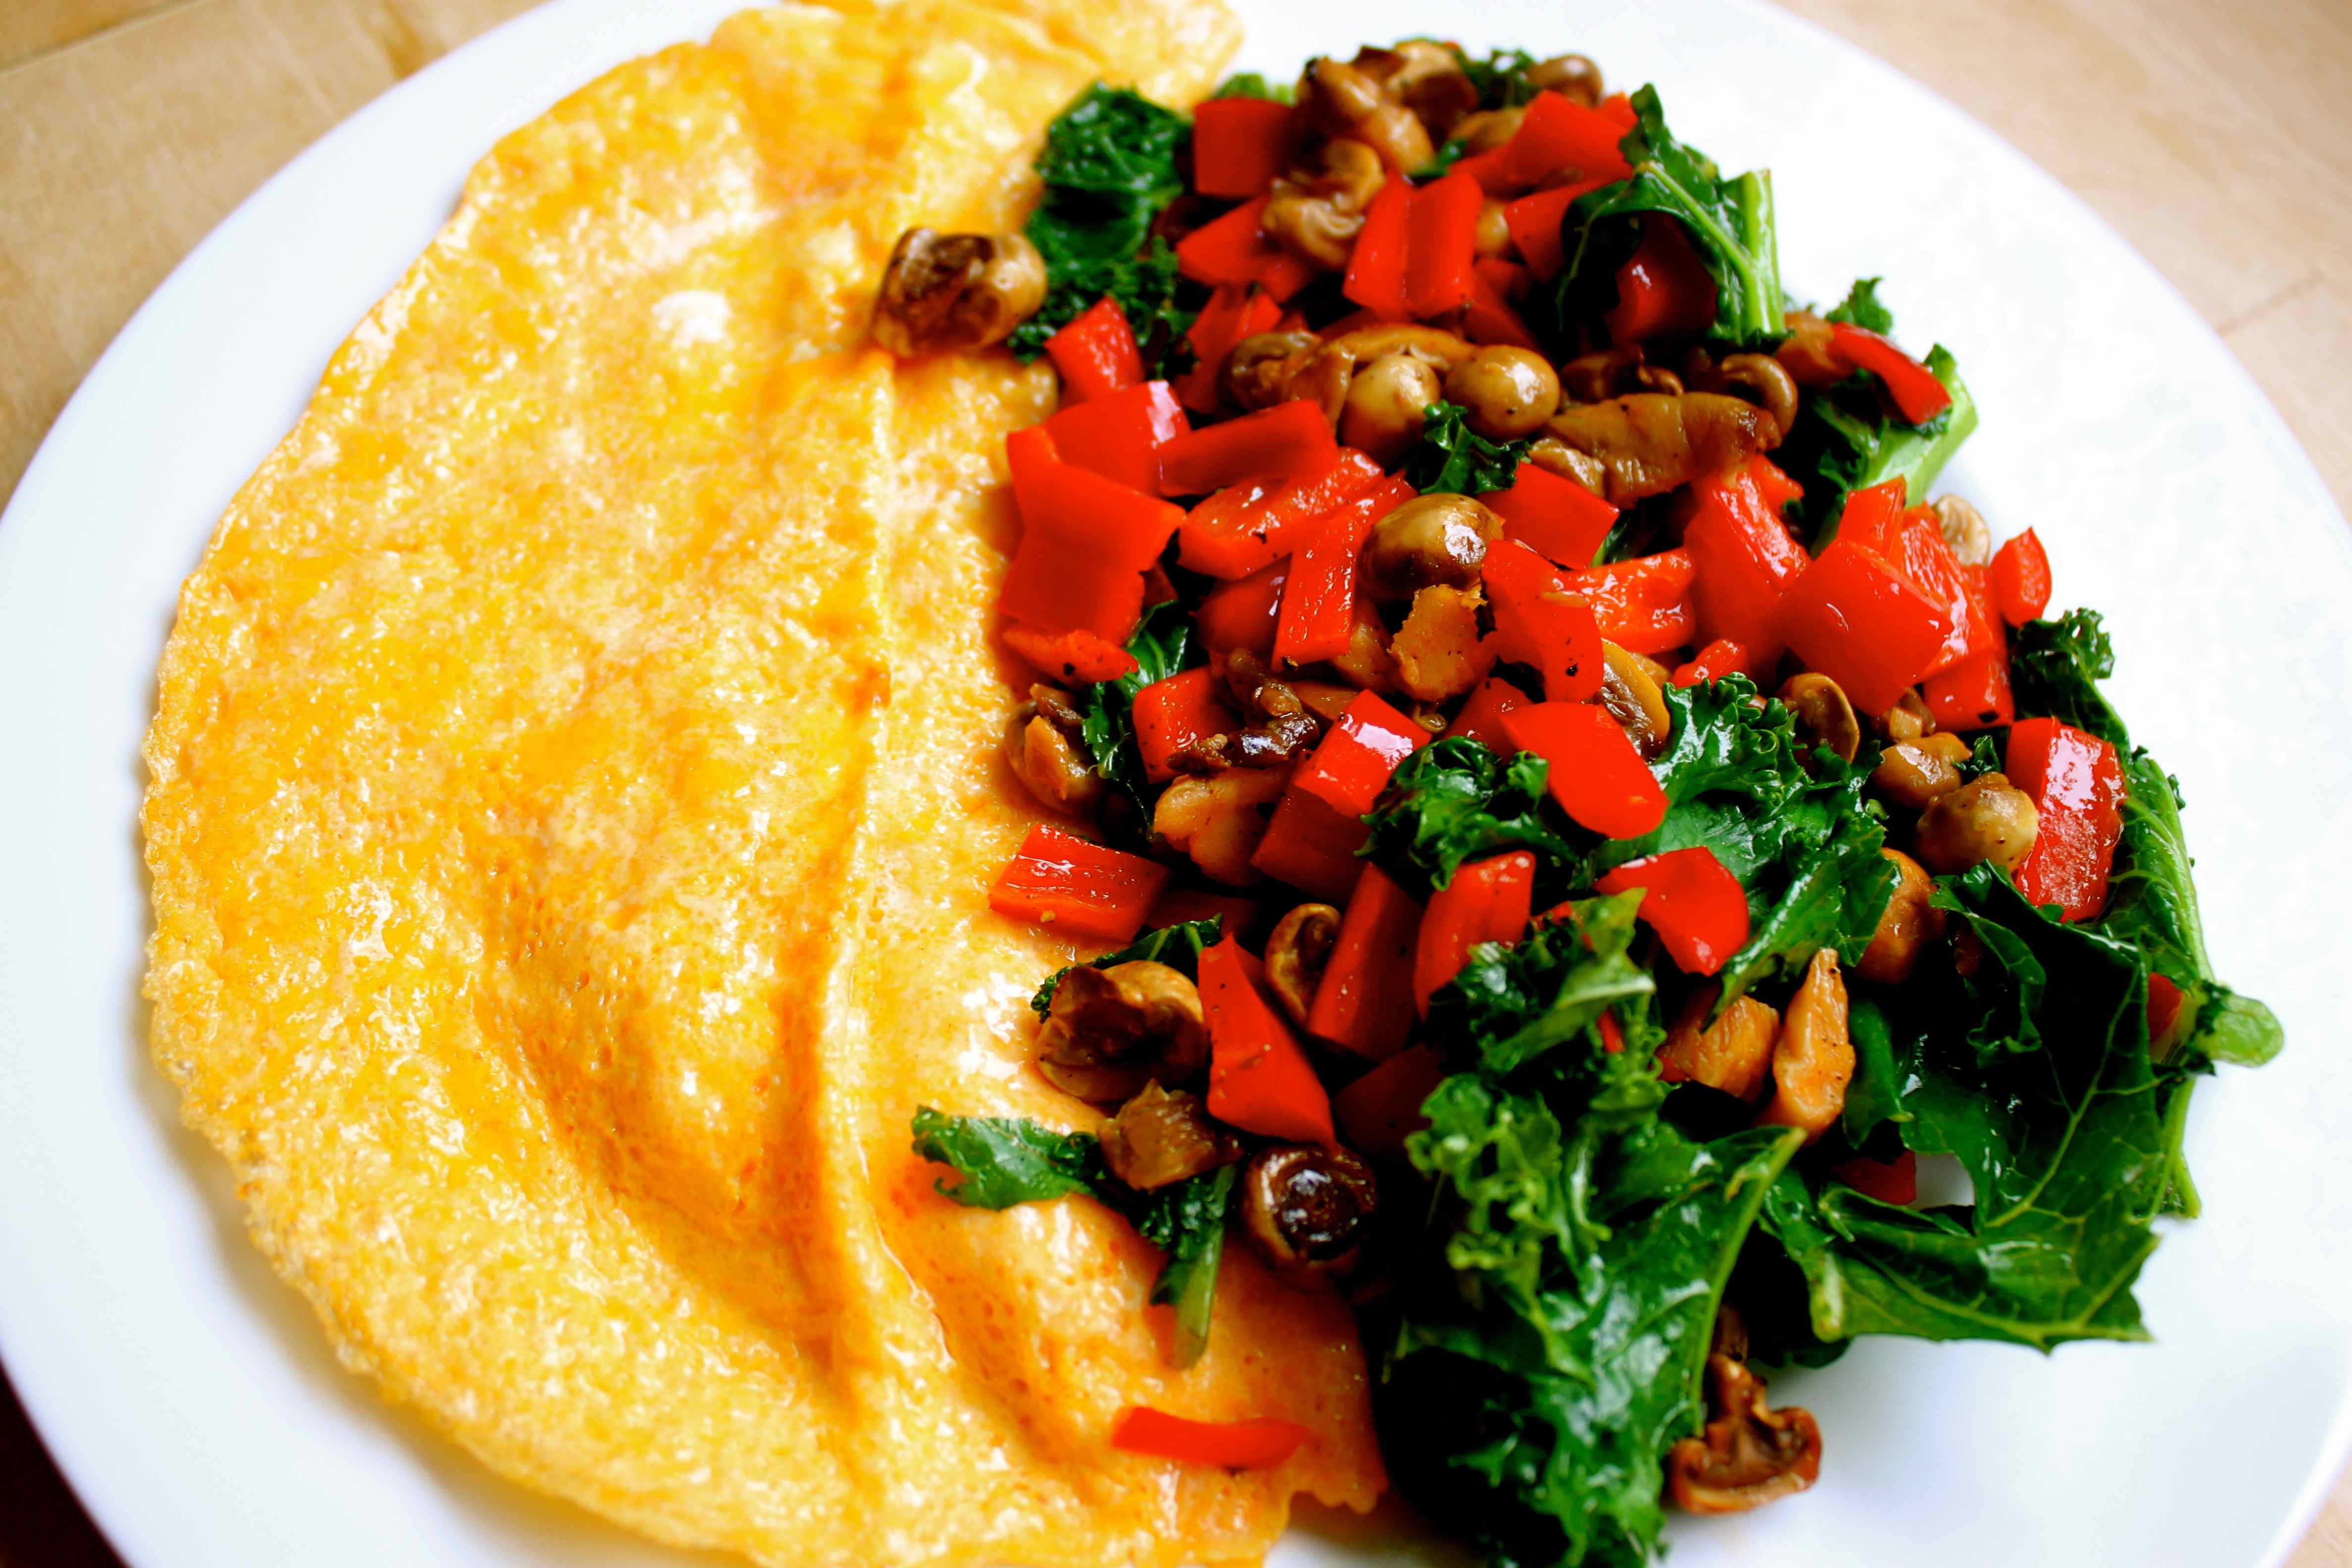 how to make omelette taste better